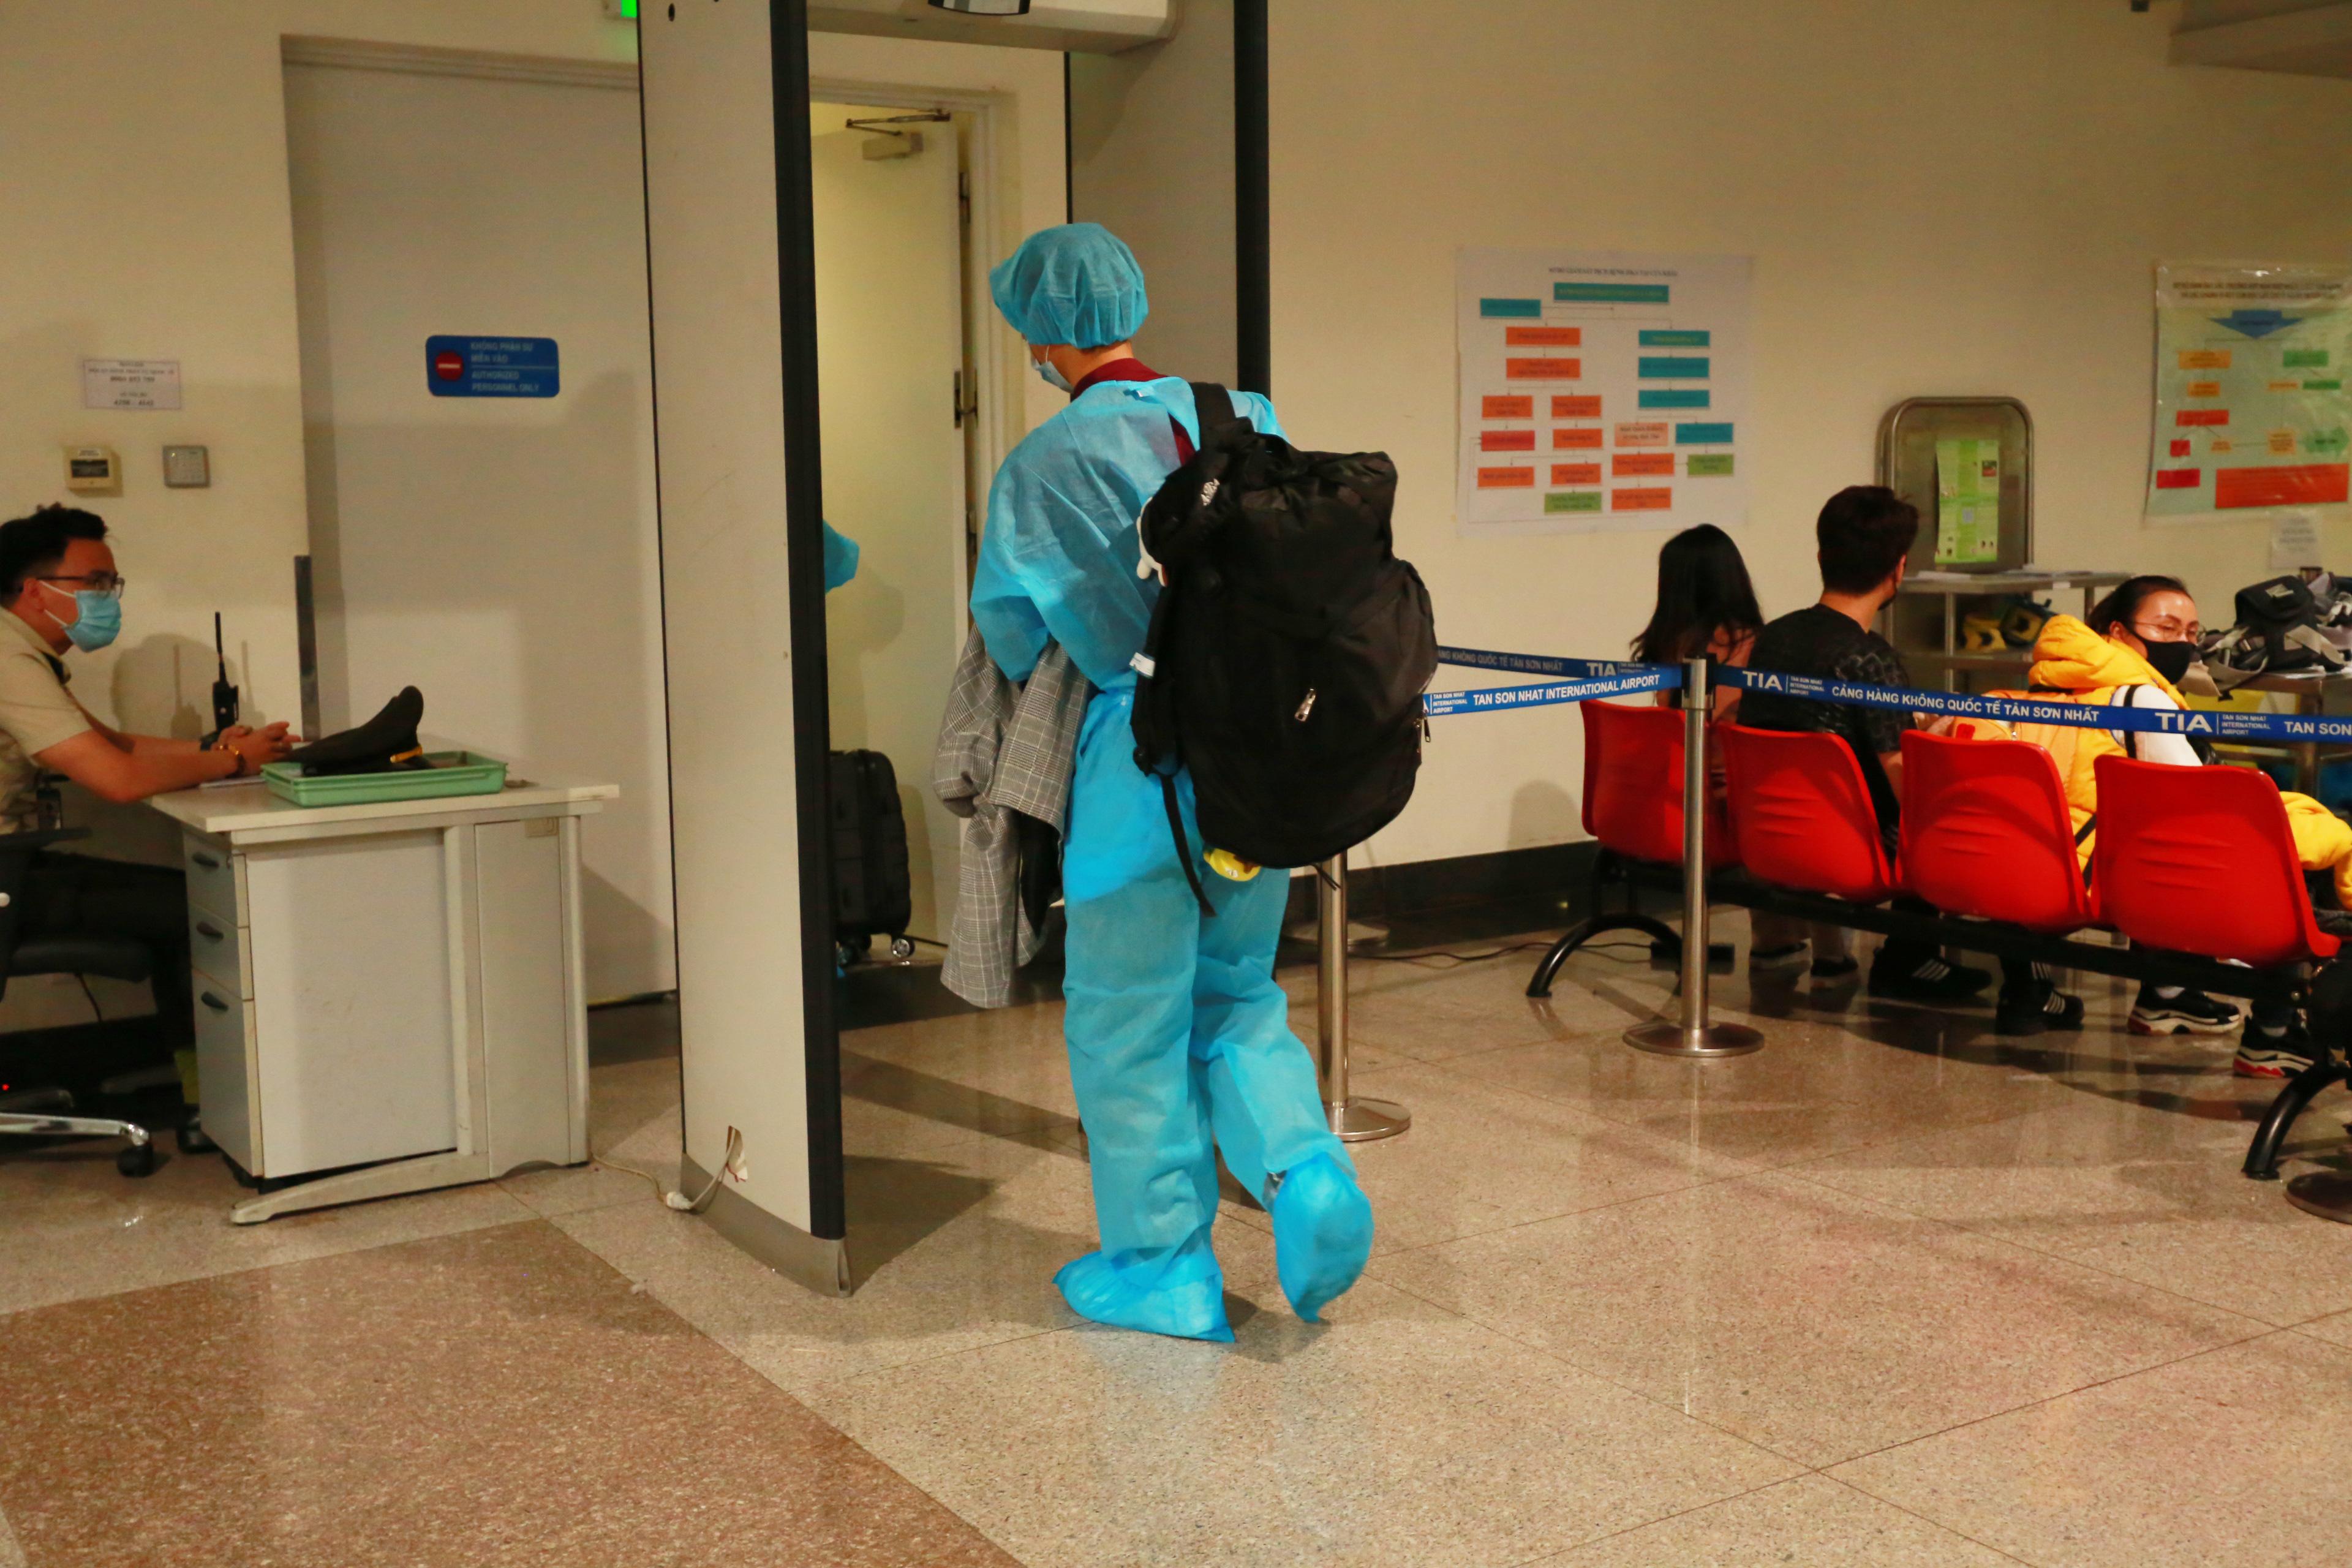 Những người này phải mặc đồ bảo hộ y tế và được đưa tới Bệnh viện Nhiệt Đới để kiểm tra ngay sau đó.